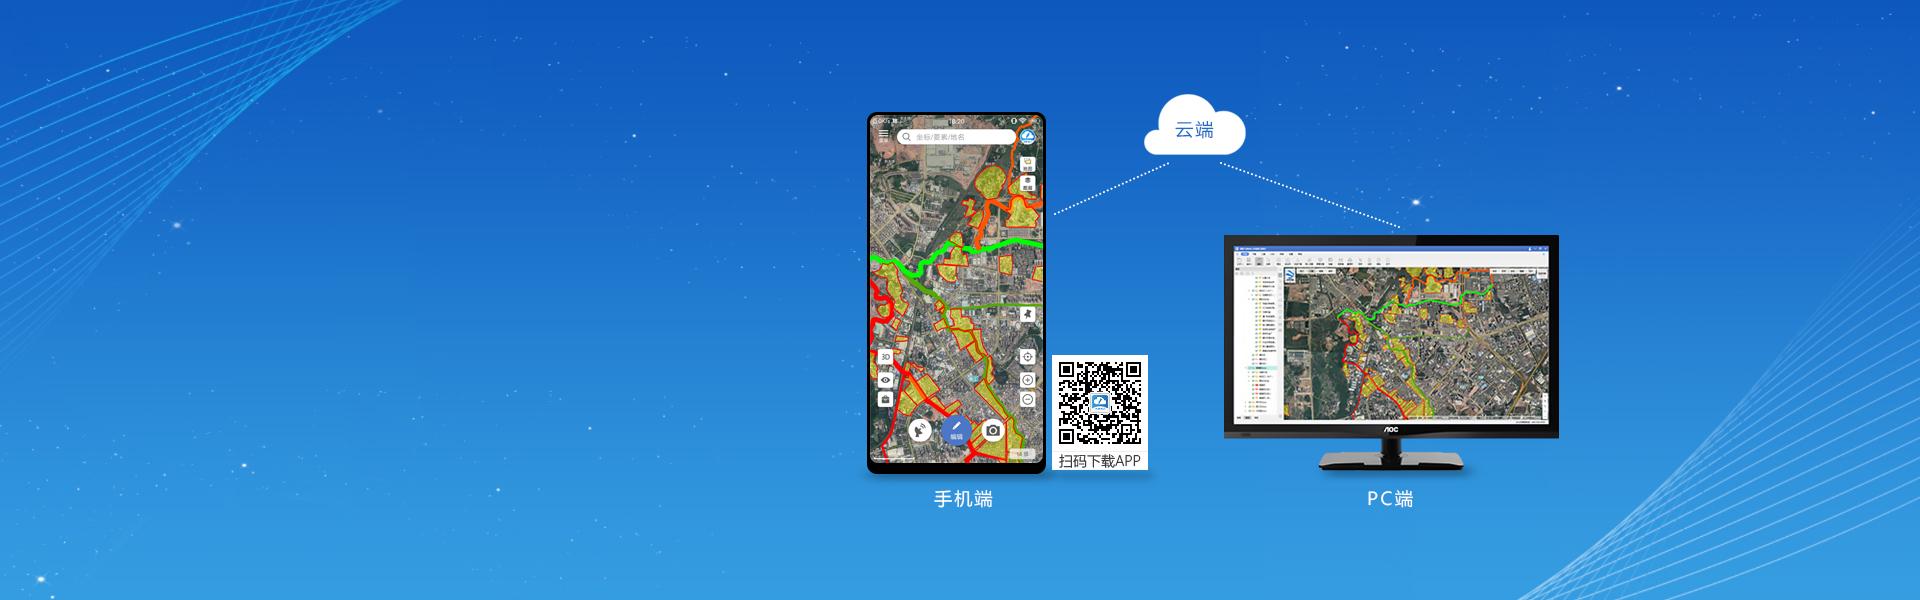 高清卫星地图下载器_离线地图发布_水经微图地图下载器-水经注GIS